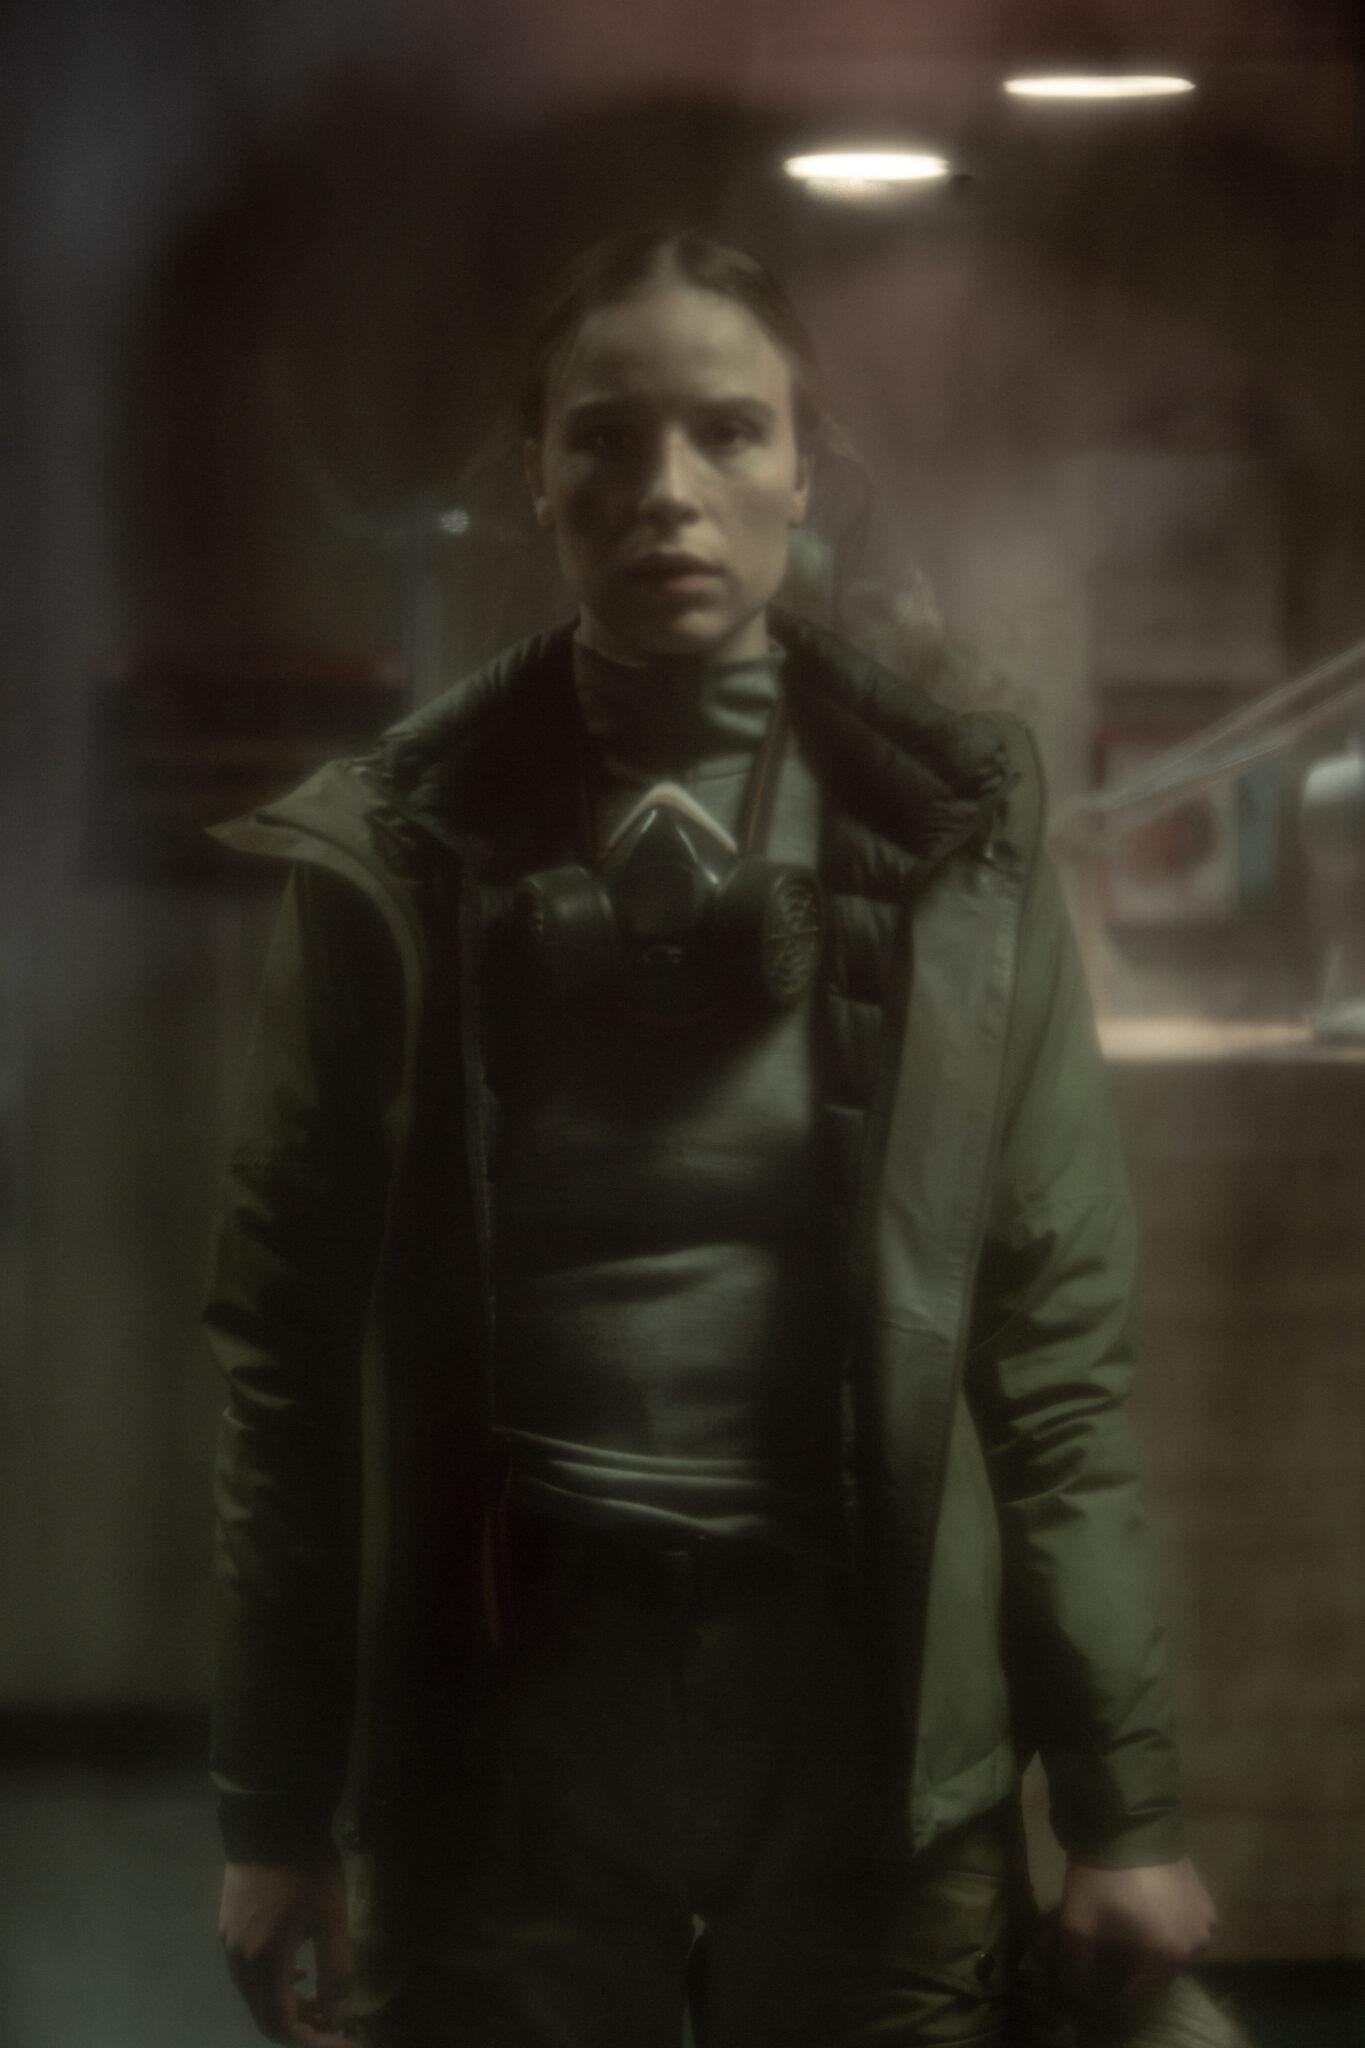 """Das verschwommene Bild zeigt die Protagonistin von """"Katla"""" Gríma in einem Oliven Parka mit einer Gasmaske um den Hals und leerem Gesichtsausdruck."""